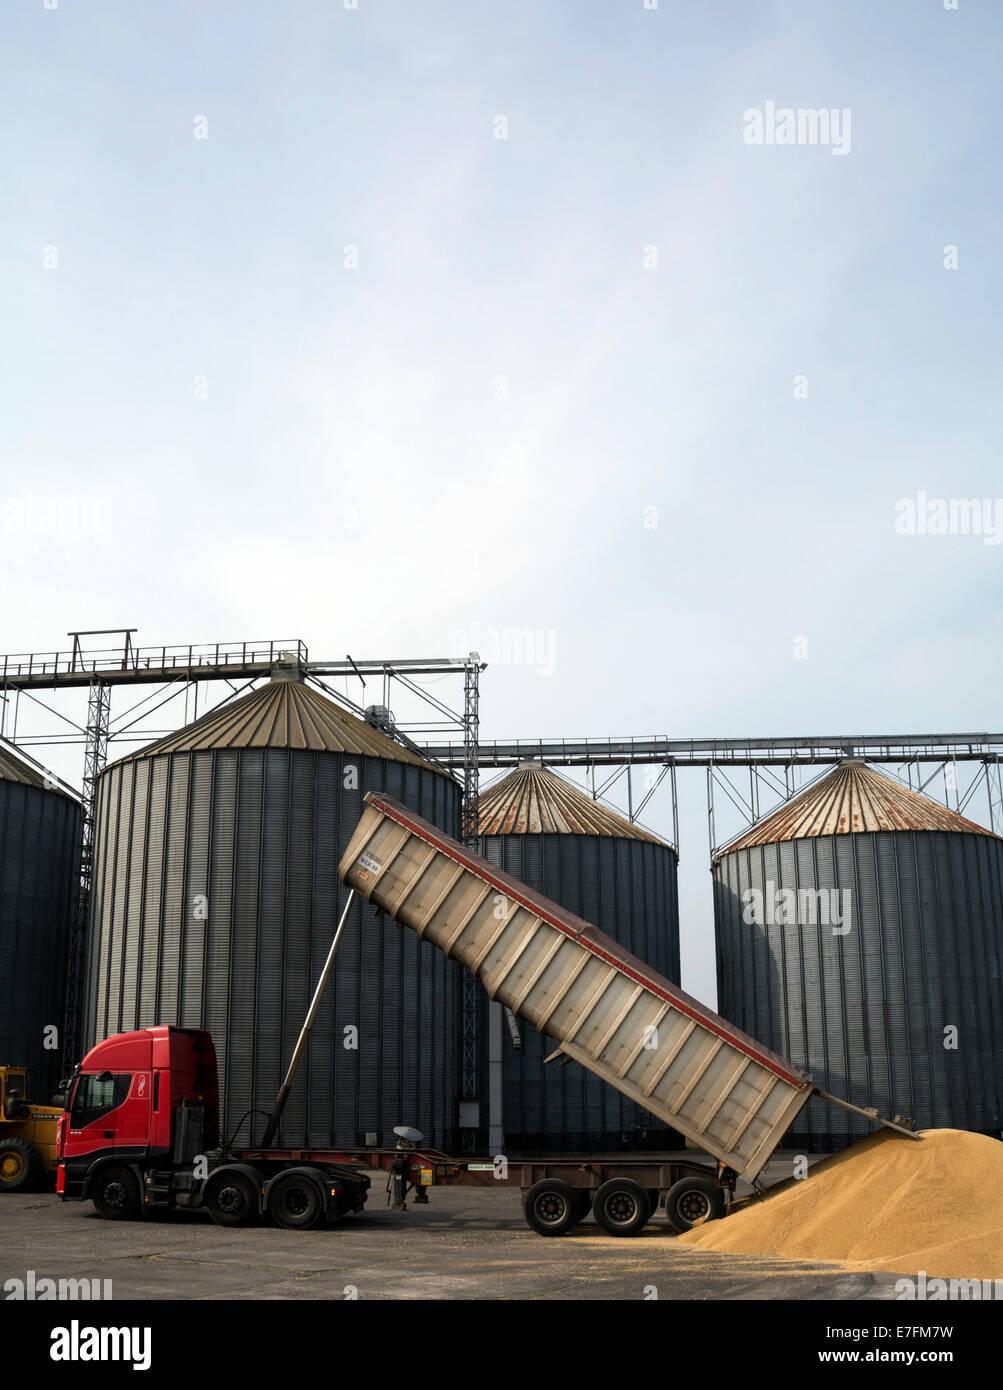 Eine massive Kipper liefert Getreide für die Lagerung und Verarbeitung, wird es weggeworfen, draußen, Stockbild